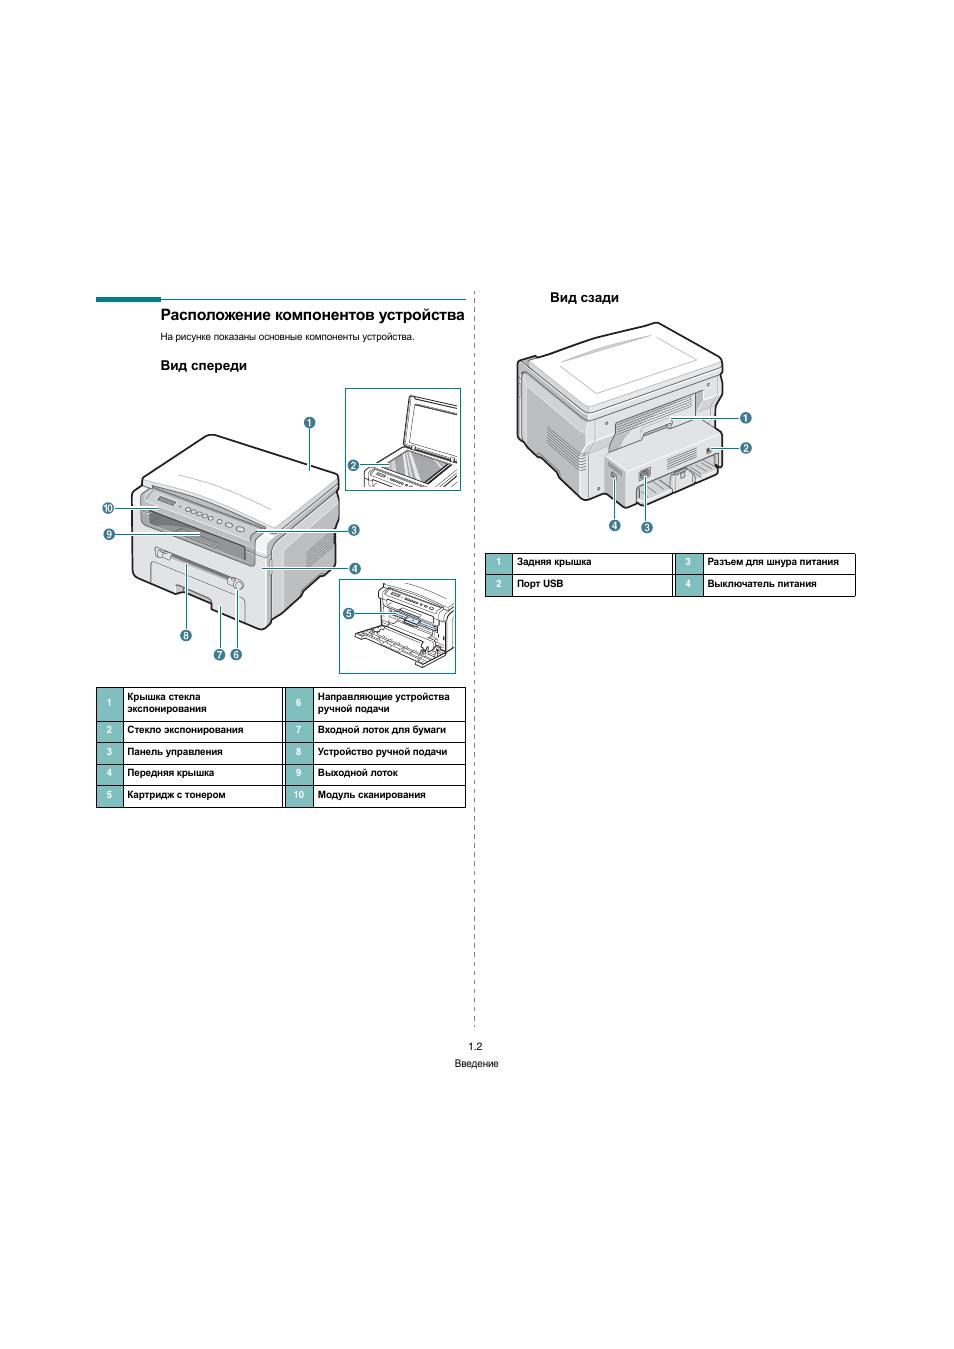 Расположение компонентов устройства, Вид спереди, Вид